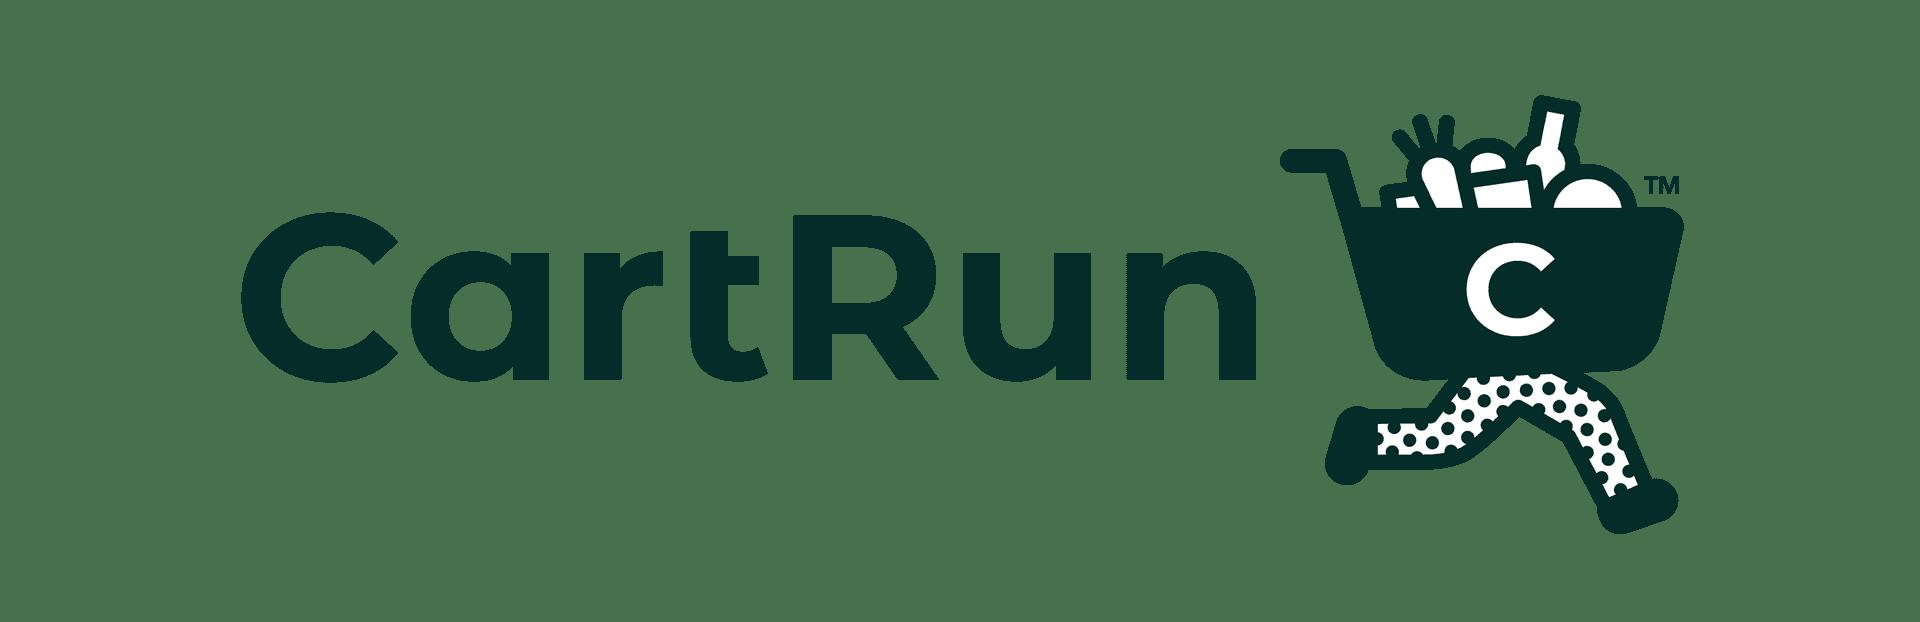 CartRun logo